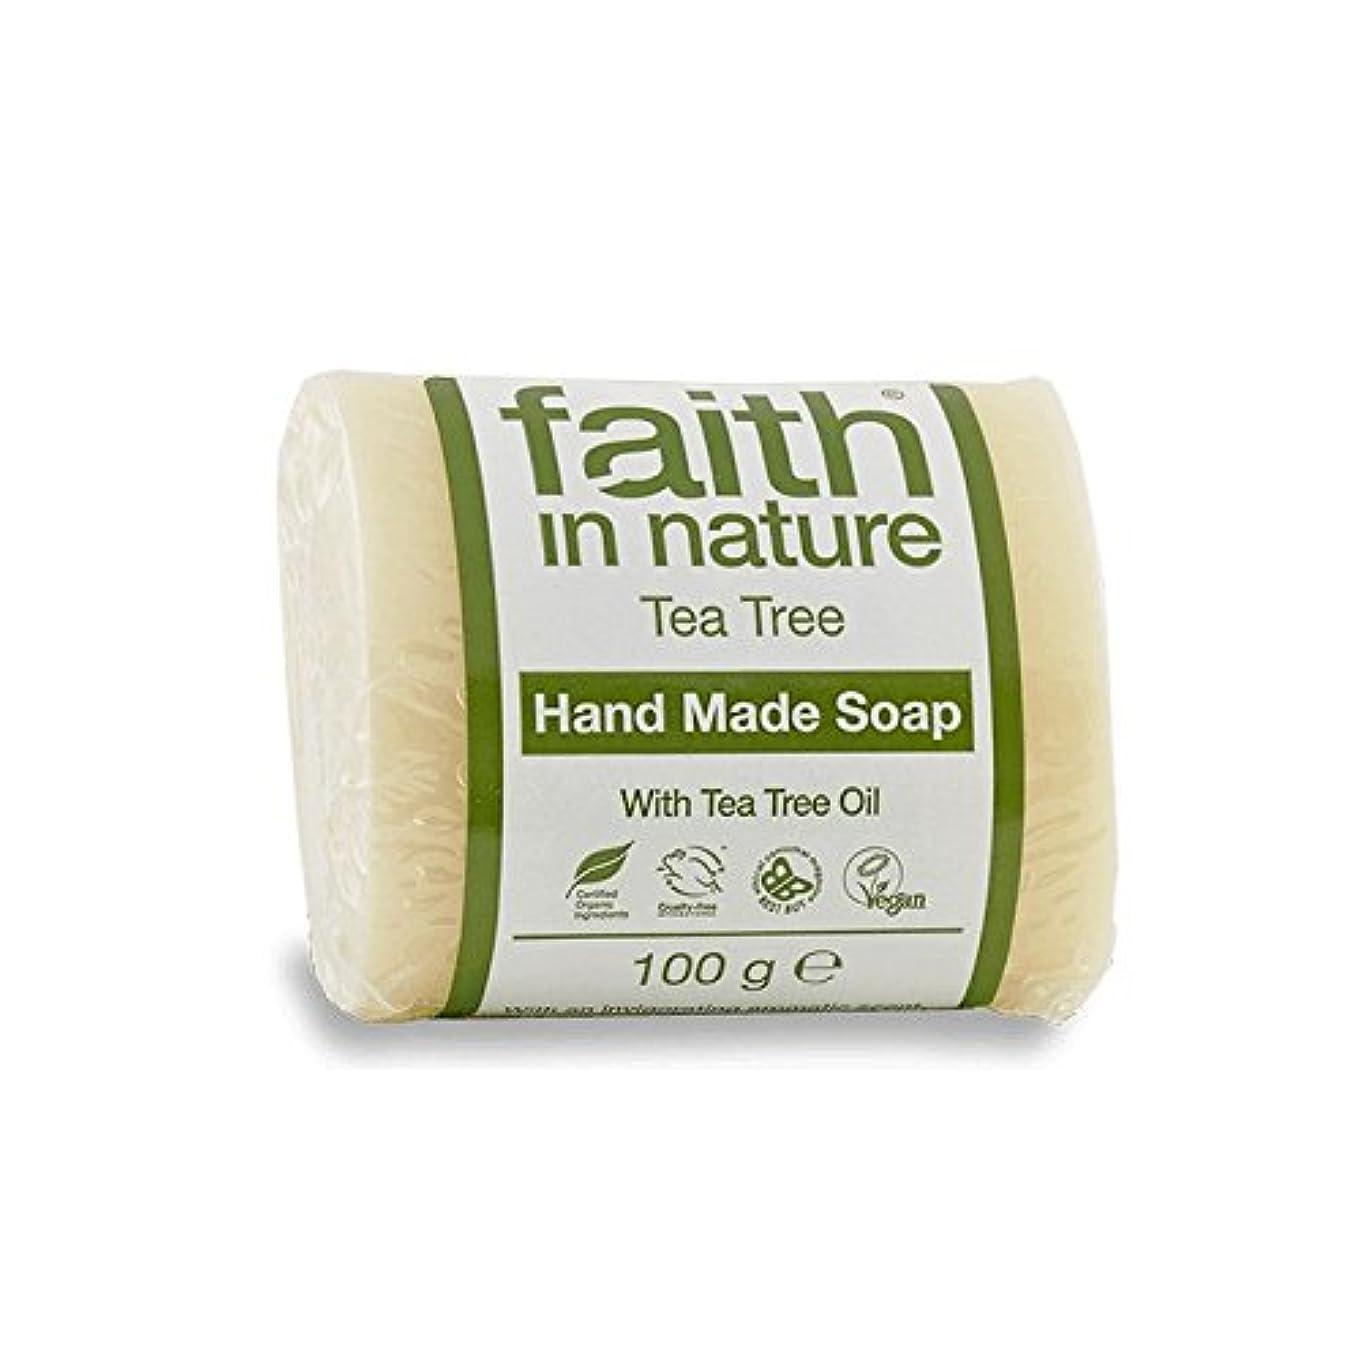 悩みハックスリッパ自然のティーツリーソープ100グラムの信仰 - Faith in Nature Tea Tree Soap 100g (Faith in Nature) [並行輸入品]